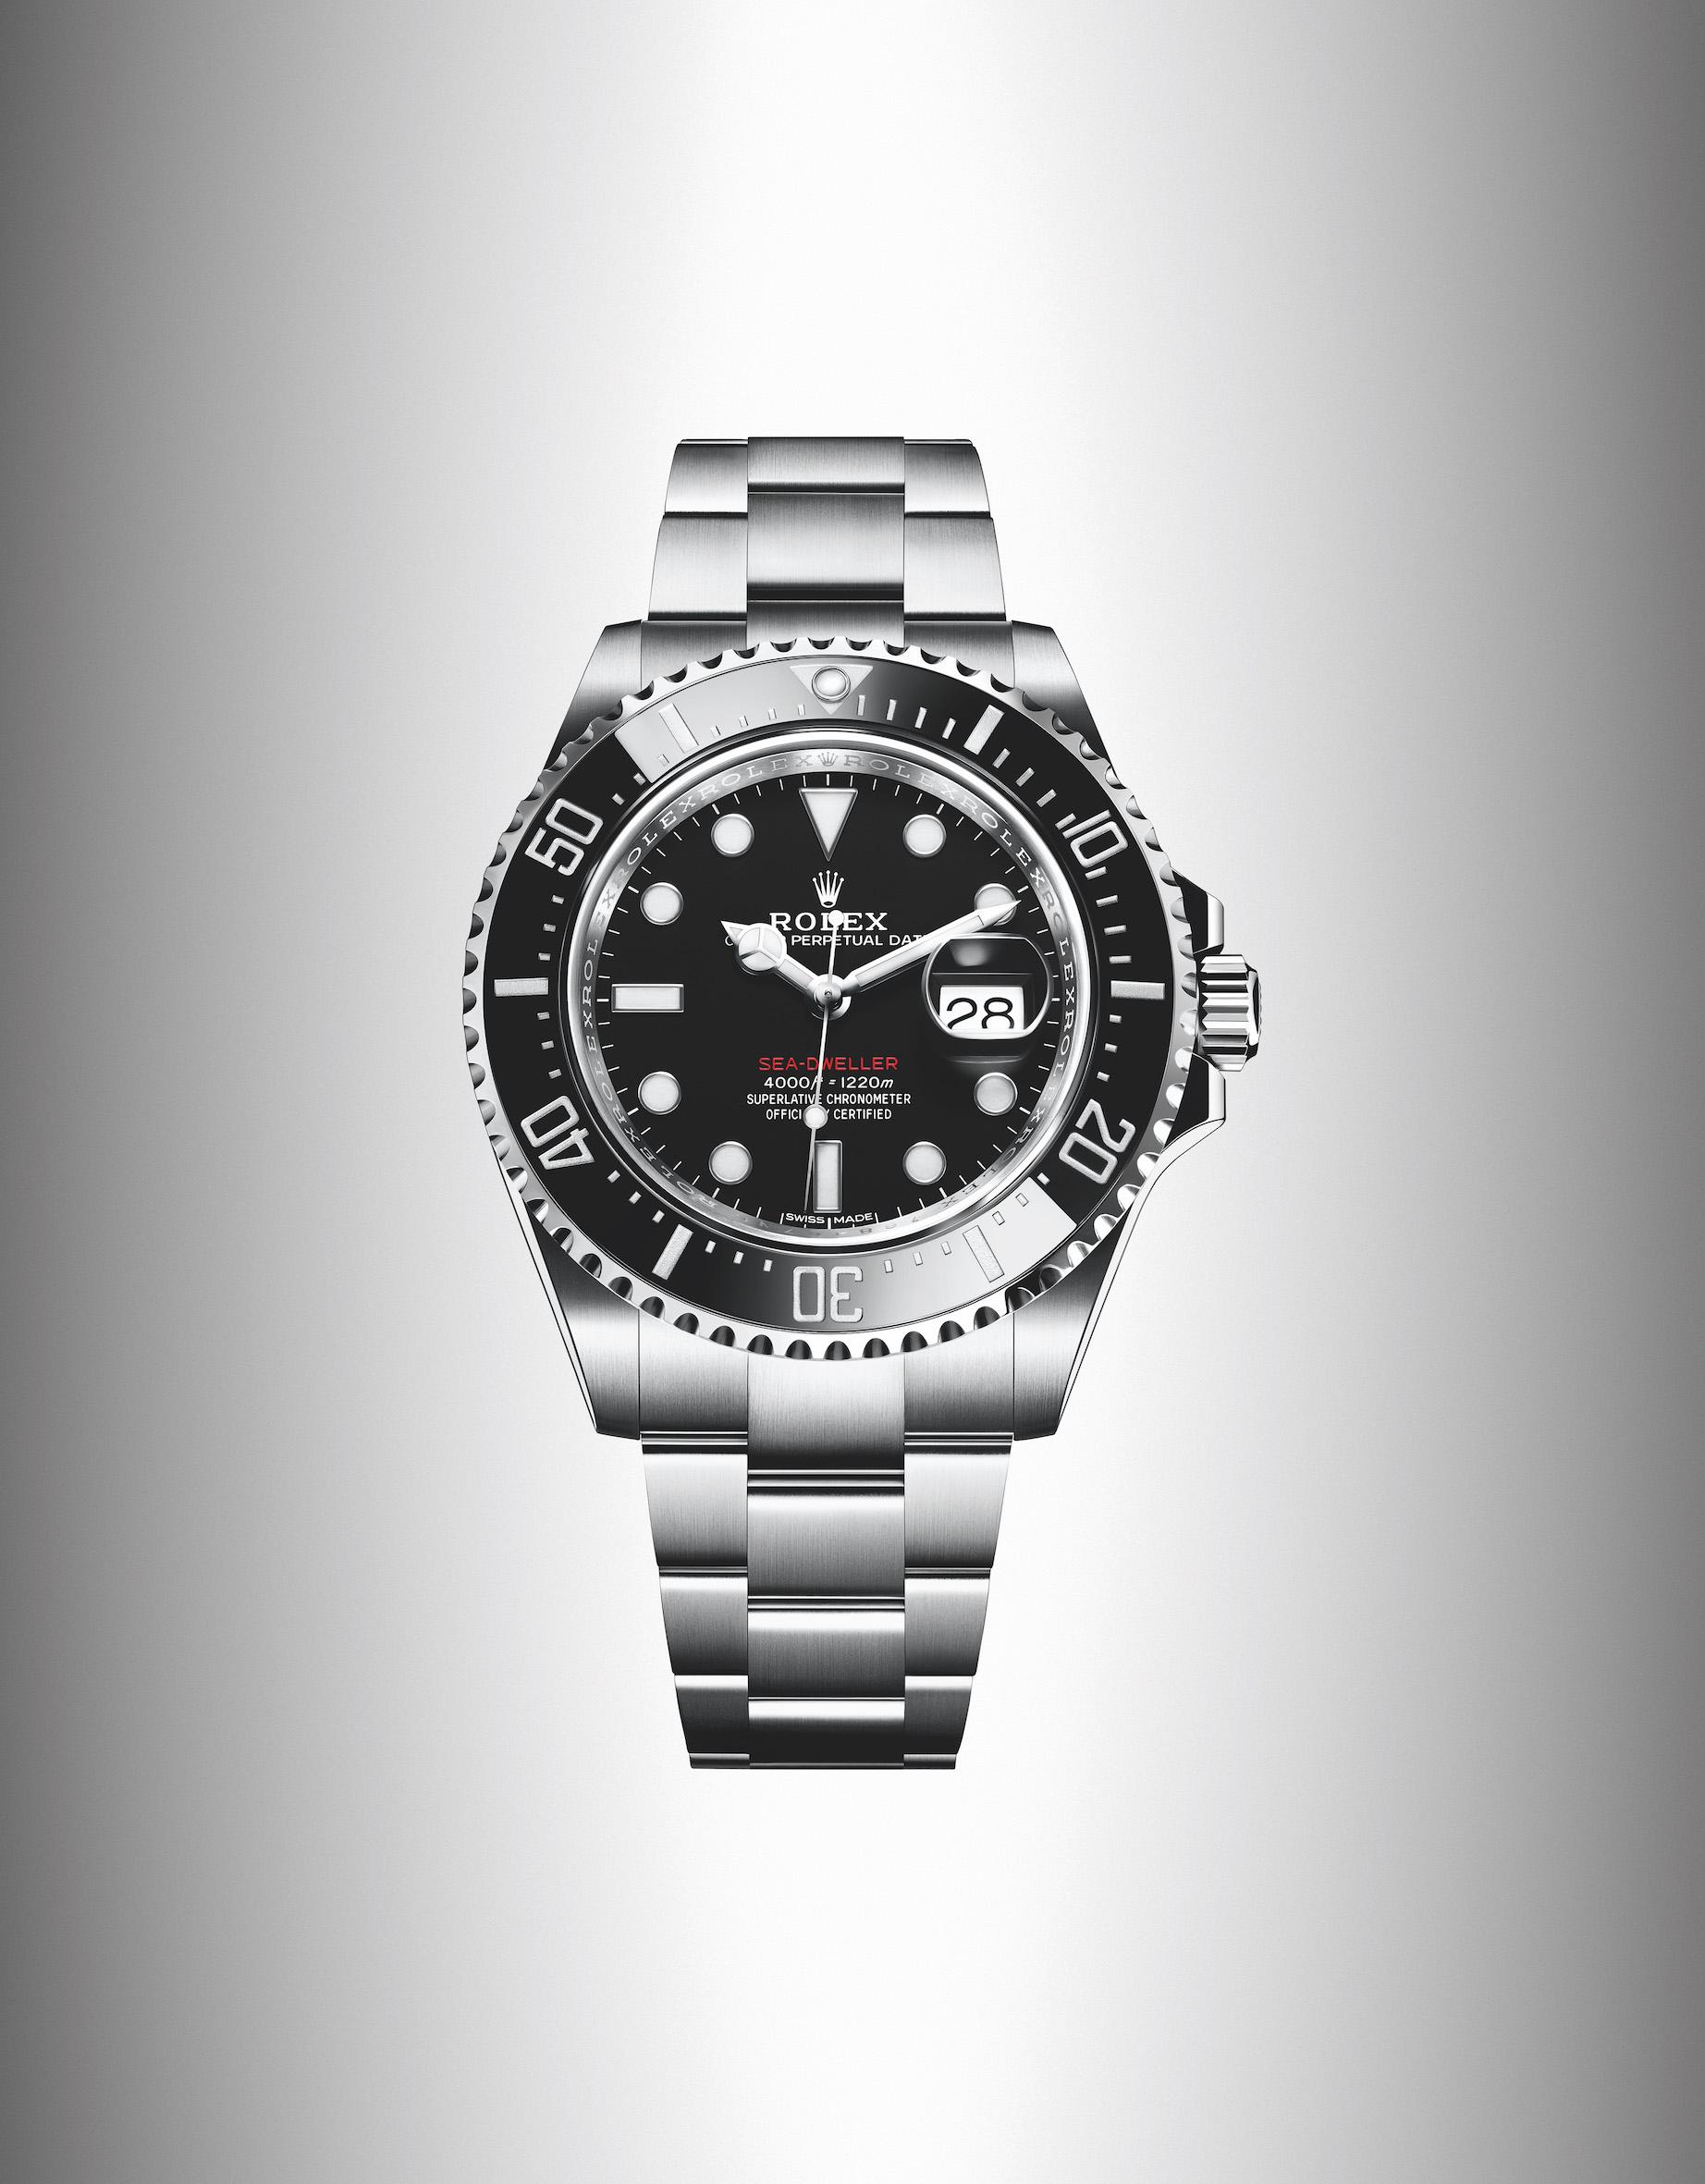 RolexSea-Dweller Ref.126600